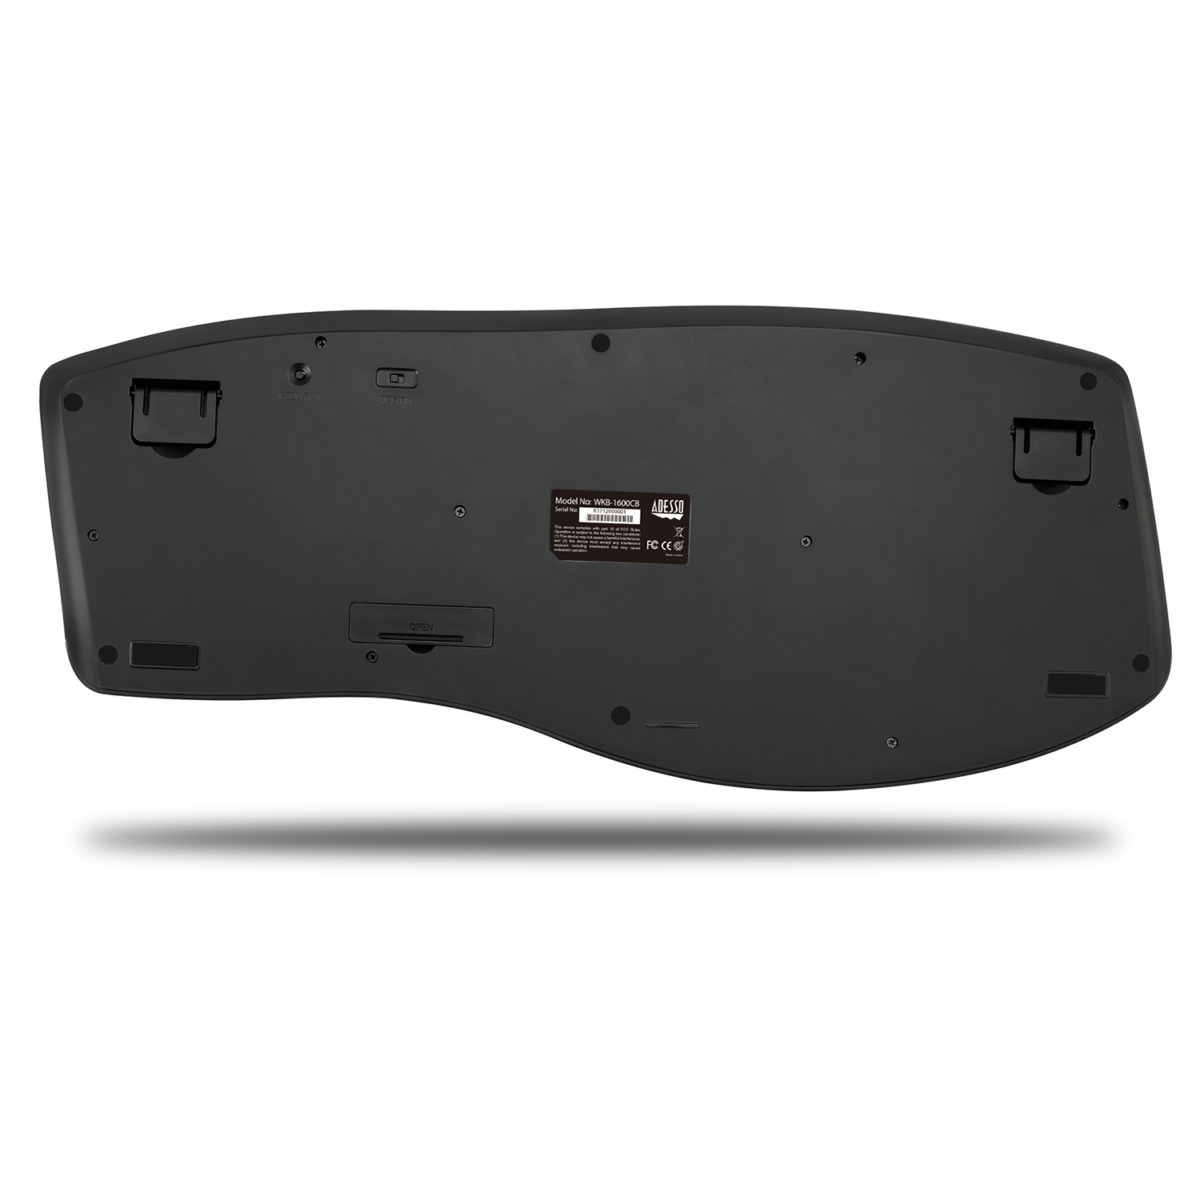 Draadloos ergonomisch toetsenbord en optische muis